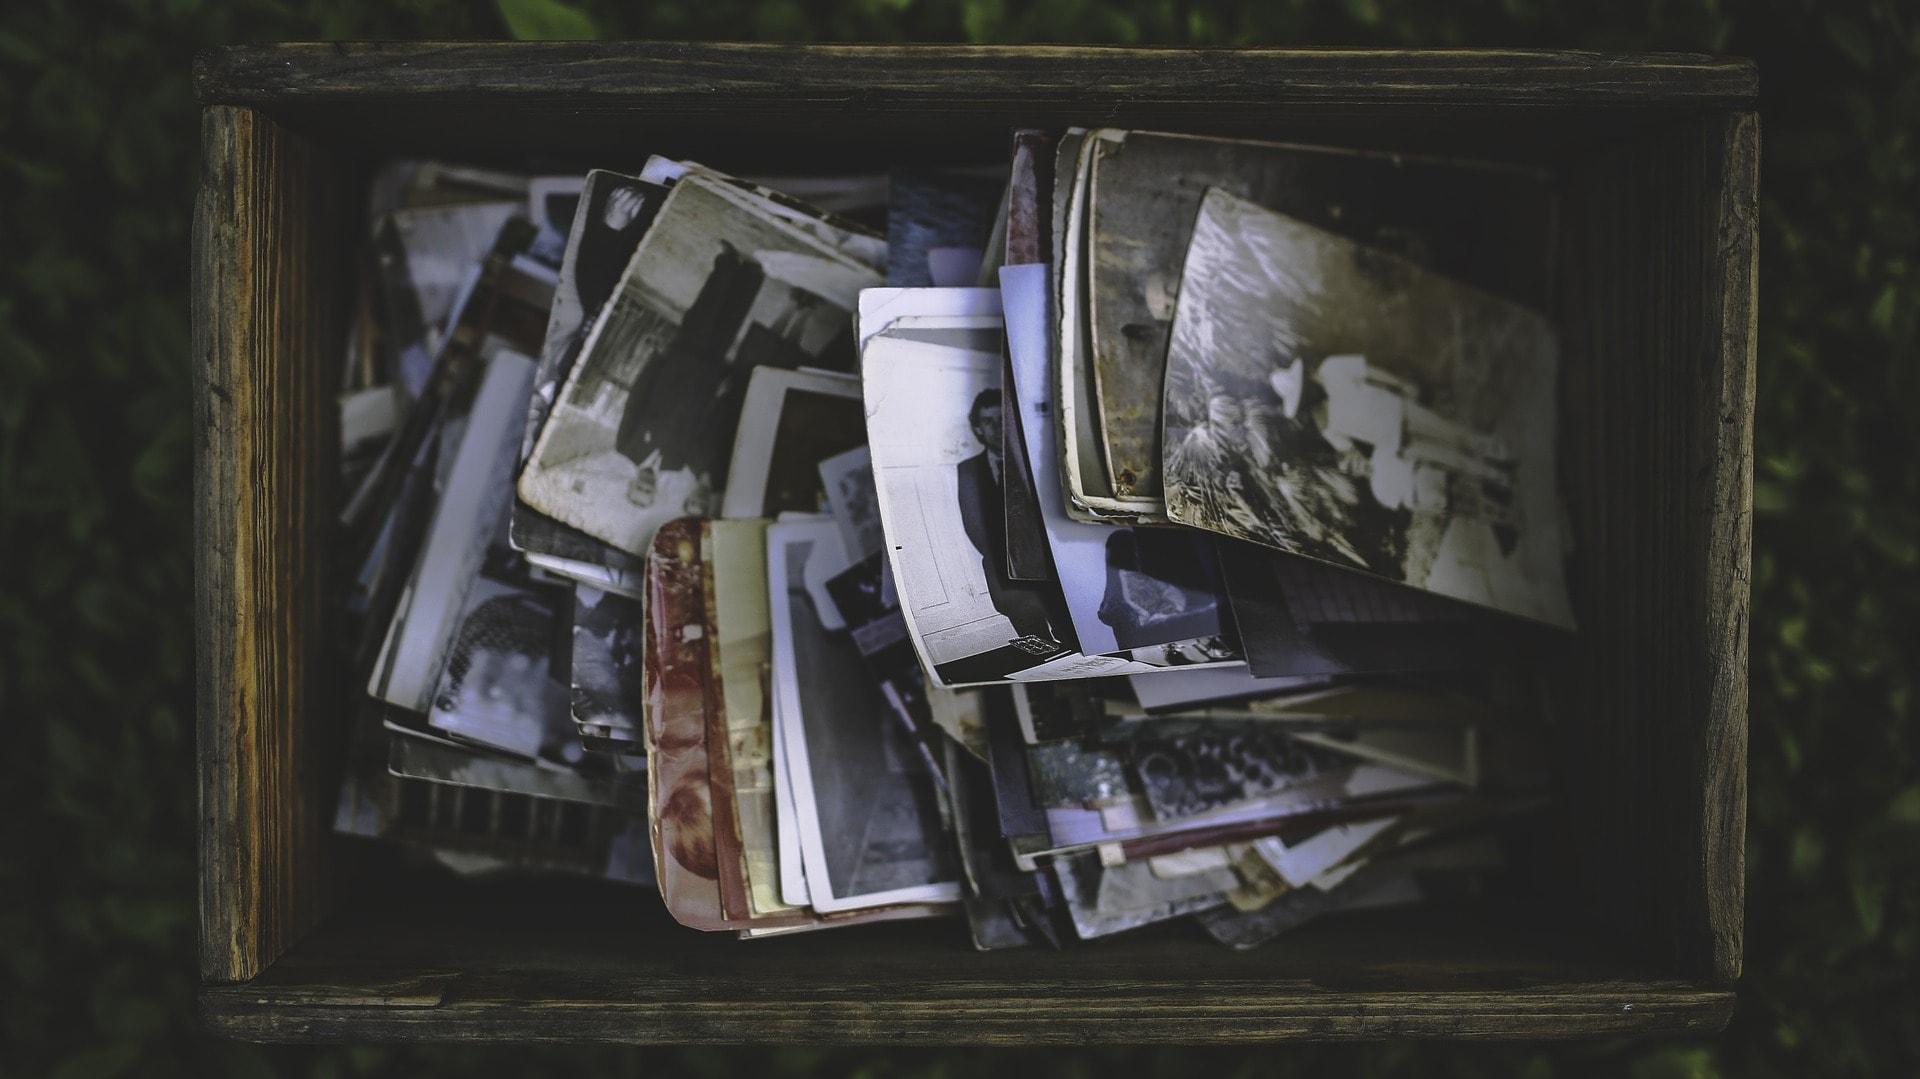 Beim Dödstädning sortiert man wichtige Erinnerungen in eine Schatzkiste